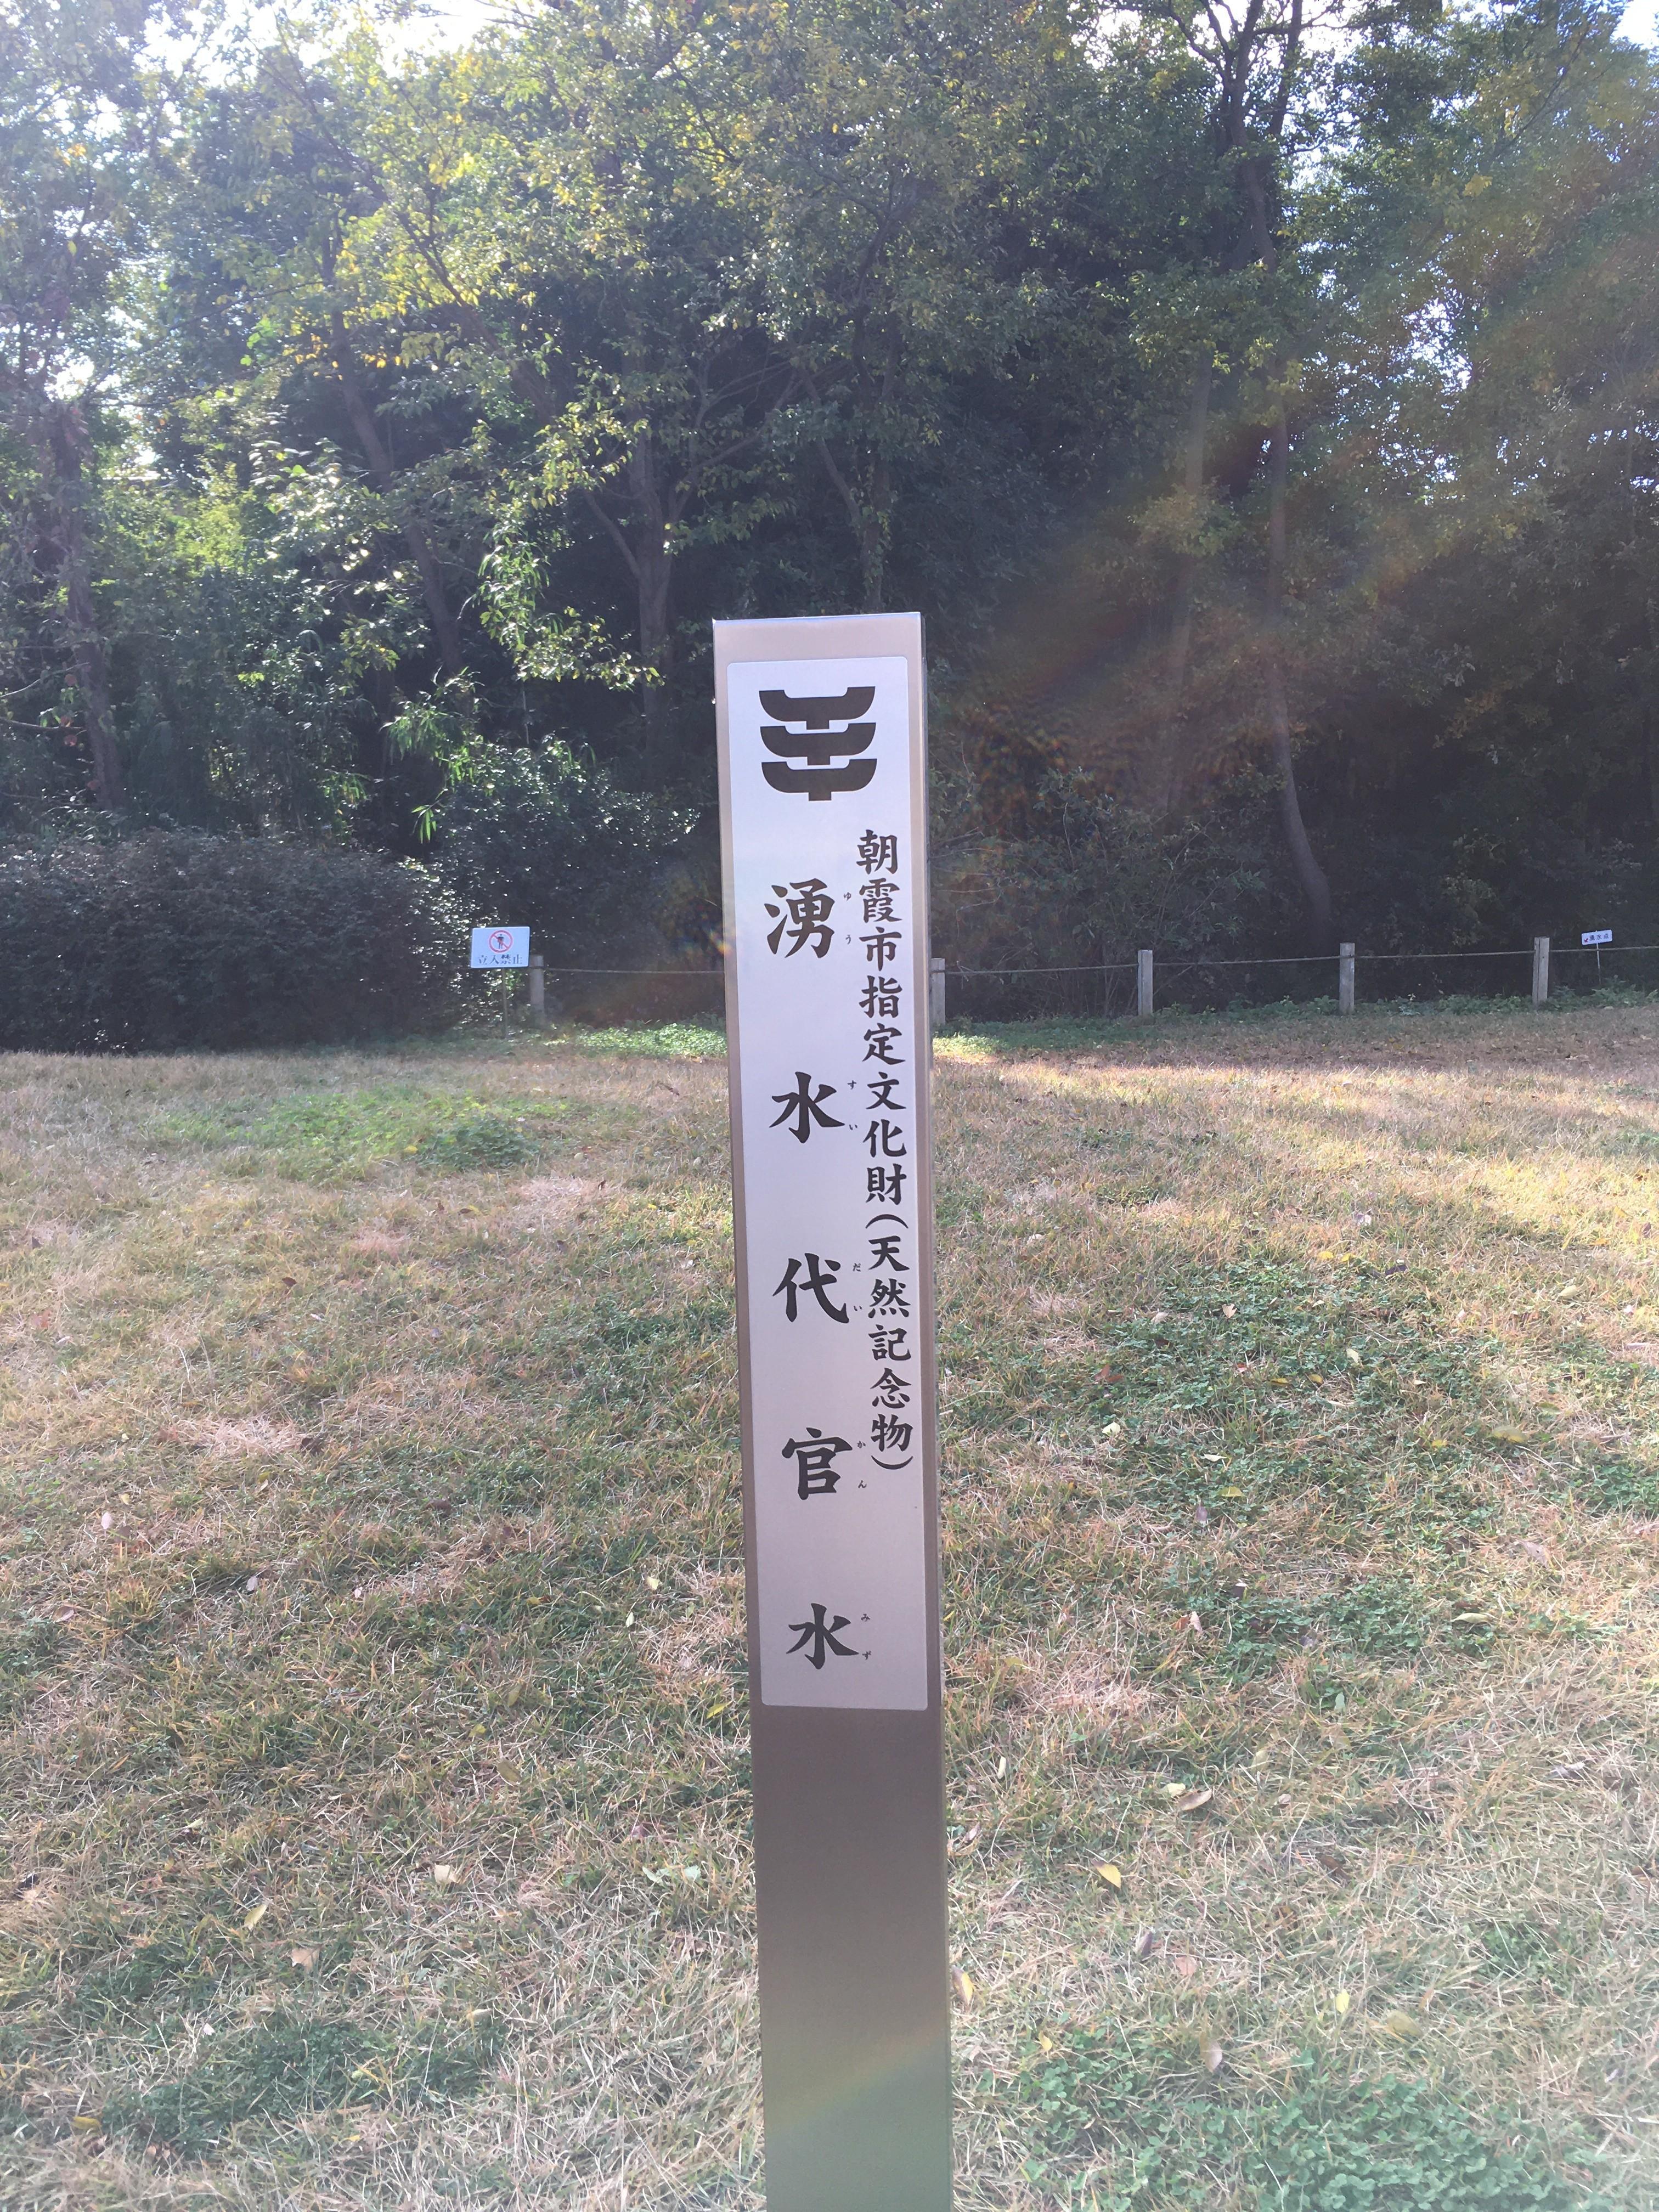 朝霞市指定文化財(天然記念物)湧水代官水